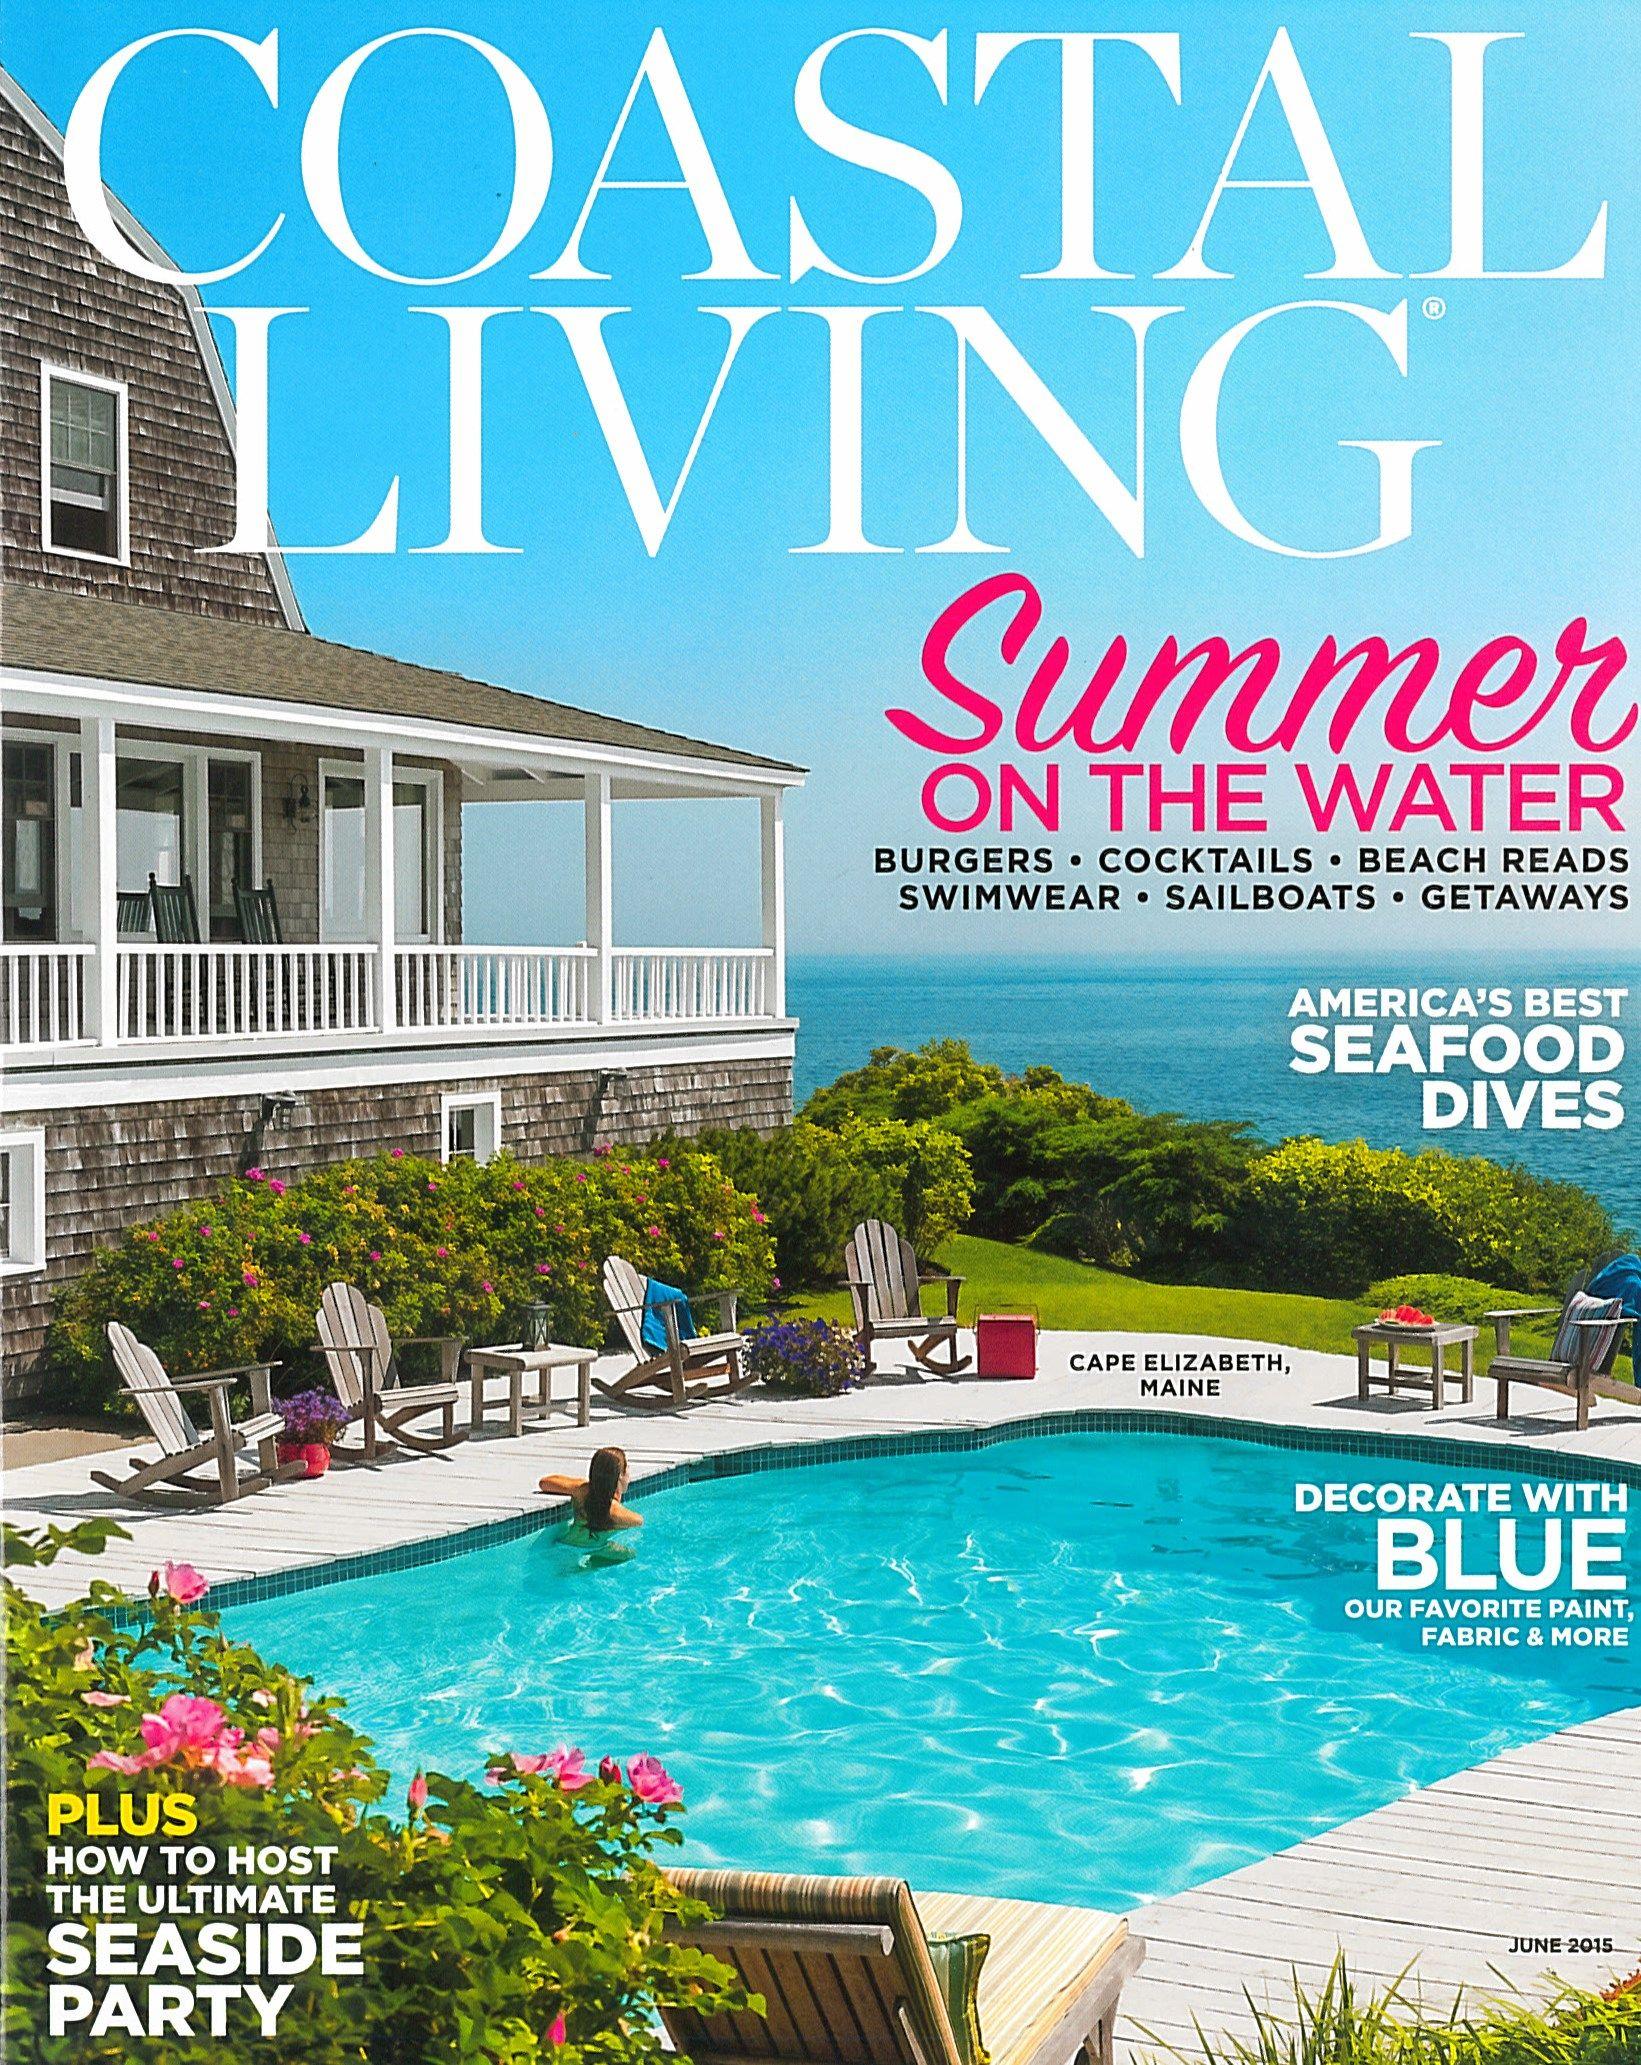 CoastalLiving #summer #June #VIETRIPress | Editorial